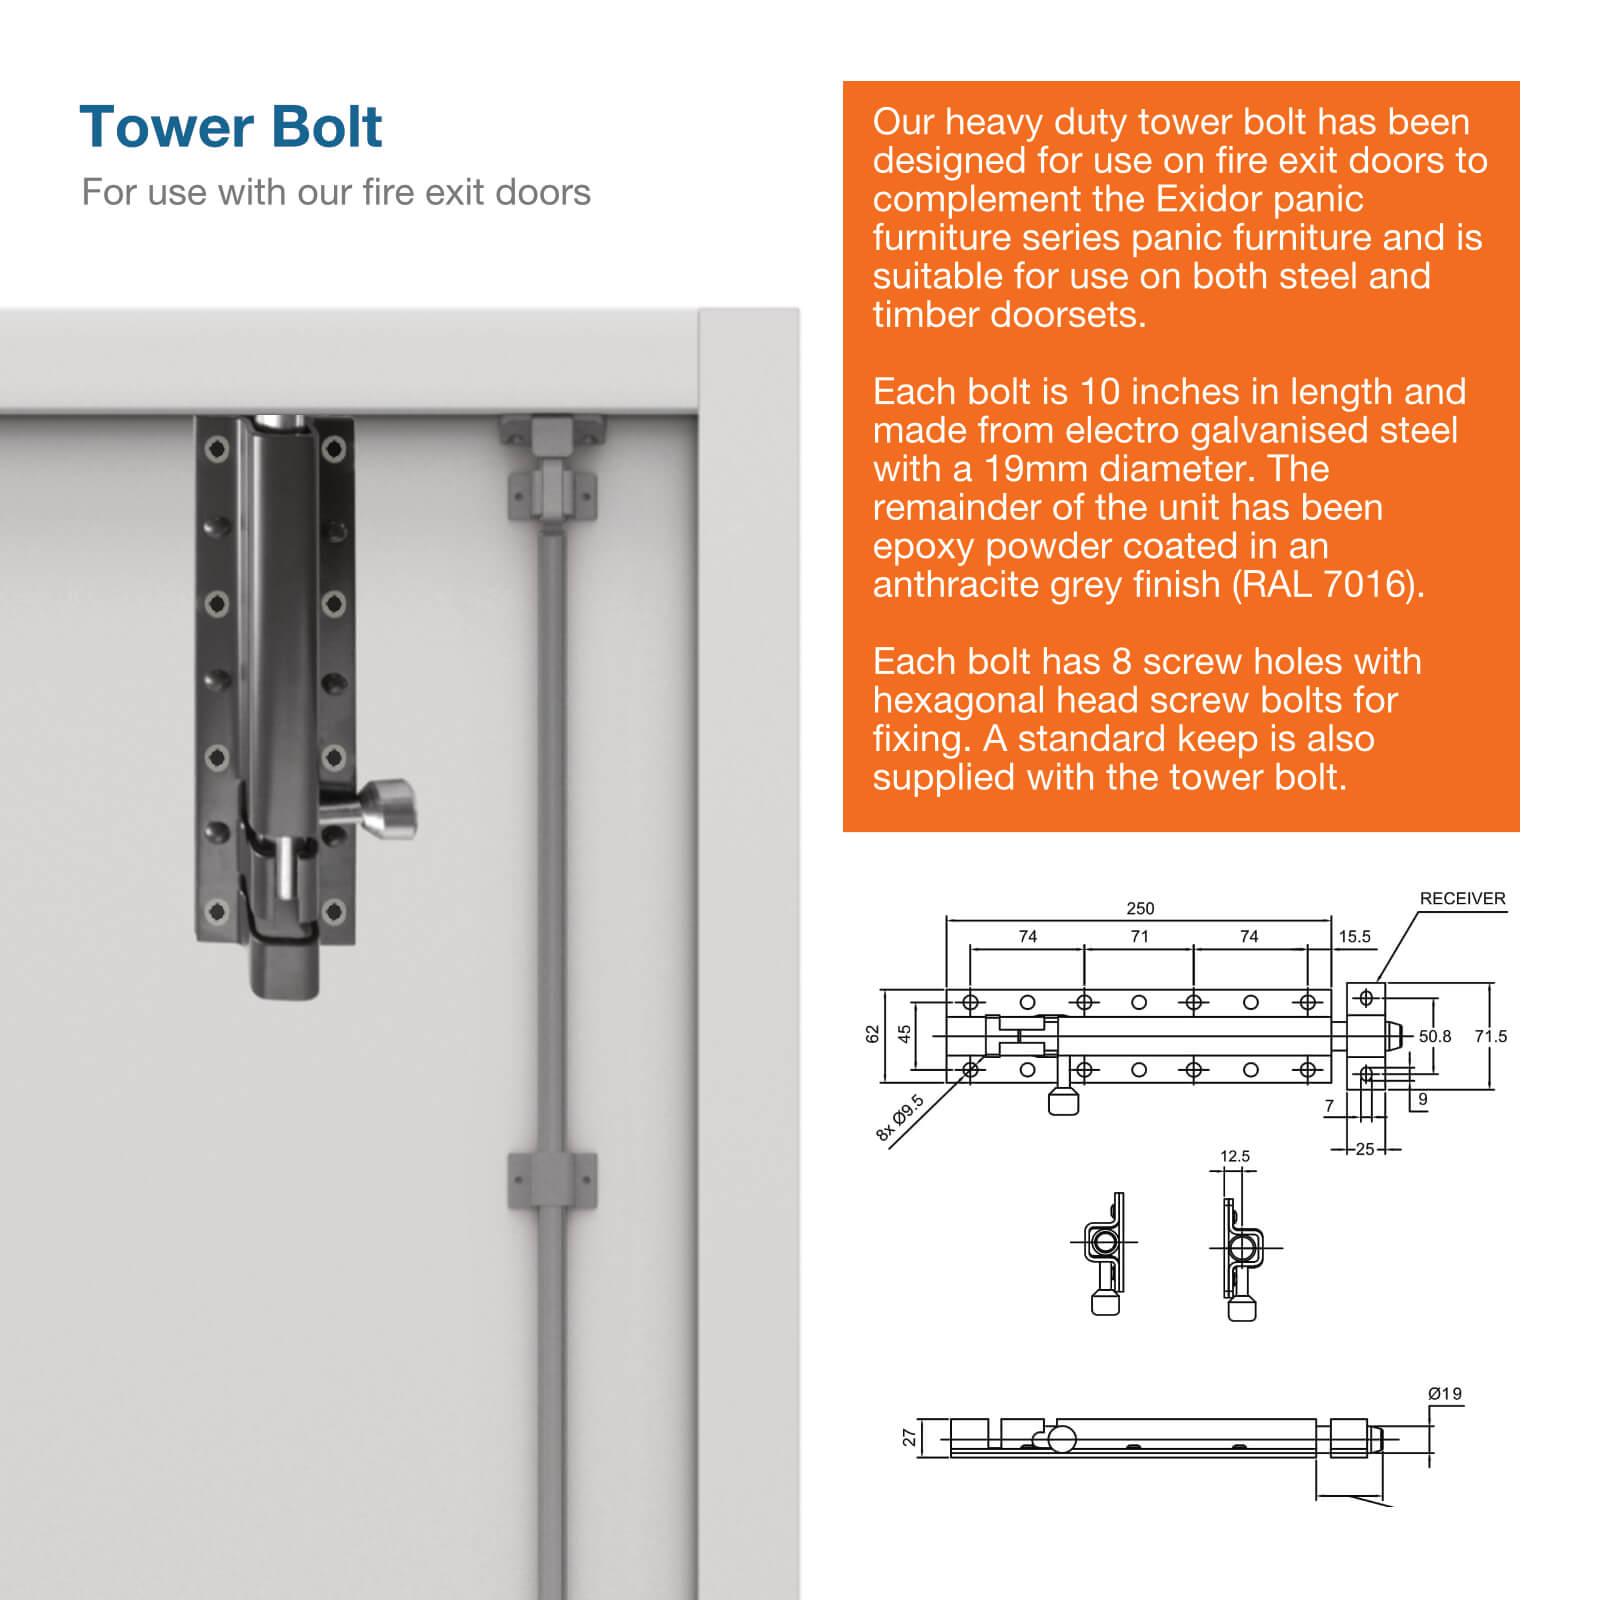 More info image for Exidor tower bolt